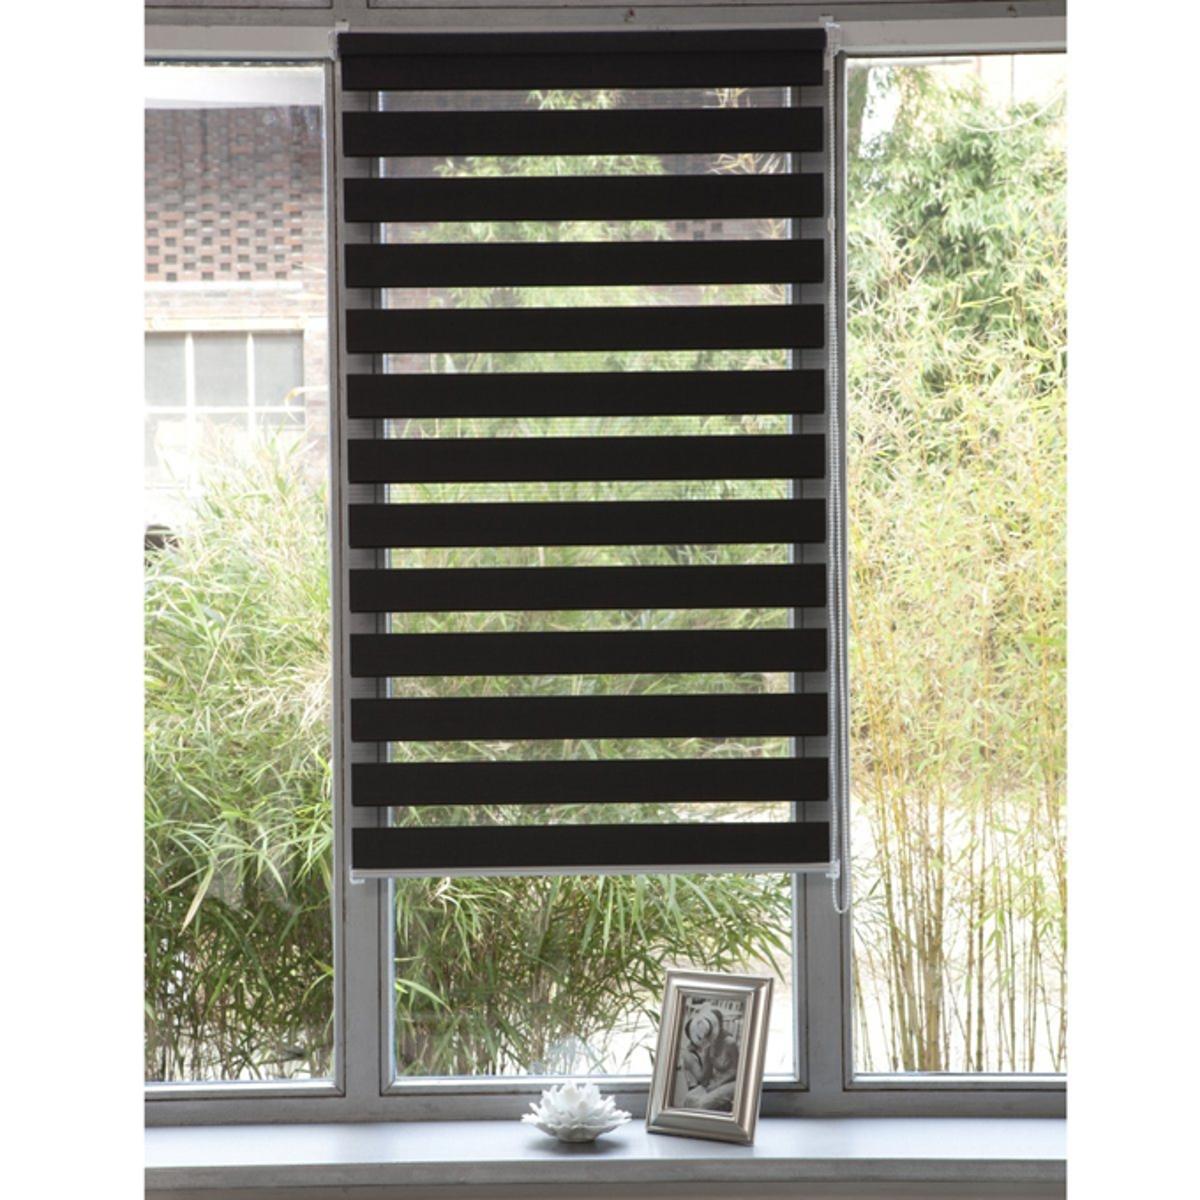 Штора рулонная, пропускающая свет, Jour / Nuit, с системой Easy (для не широких окон)Эта штора позволяет выбирать интенсивность света, от ажурного эффекта до рассеянного света. Снабжена системой Concept Easy : крепление защелкой !. Без сверления и крепления, она крепится на окна ПВХ с помощью клипс, входящих в комплект .  Мягкая ткань 100% полиэстер .Тяжелая рейка внизу.Длина регулируется механизмом с цепочкой.Можно отрезать по ширине. - 150 x 32 см- 150 x 37 см- 150 x 42 см 3 цвета на выбор - 150 x 42 см .<br><br>Цвет: антрацит